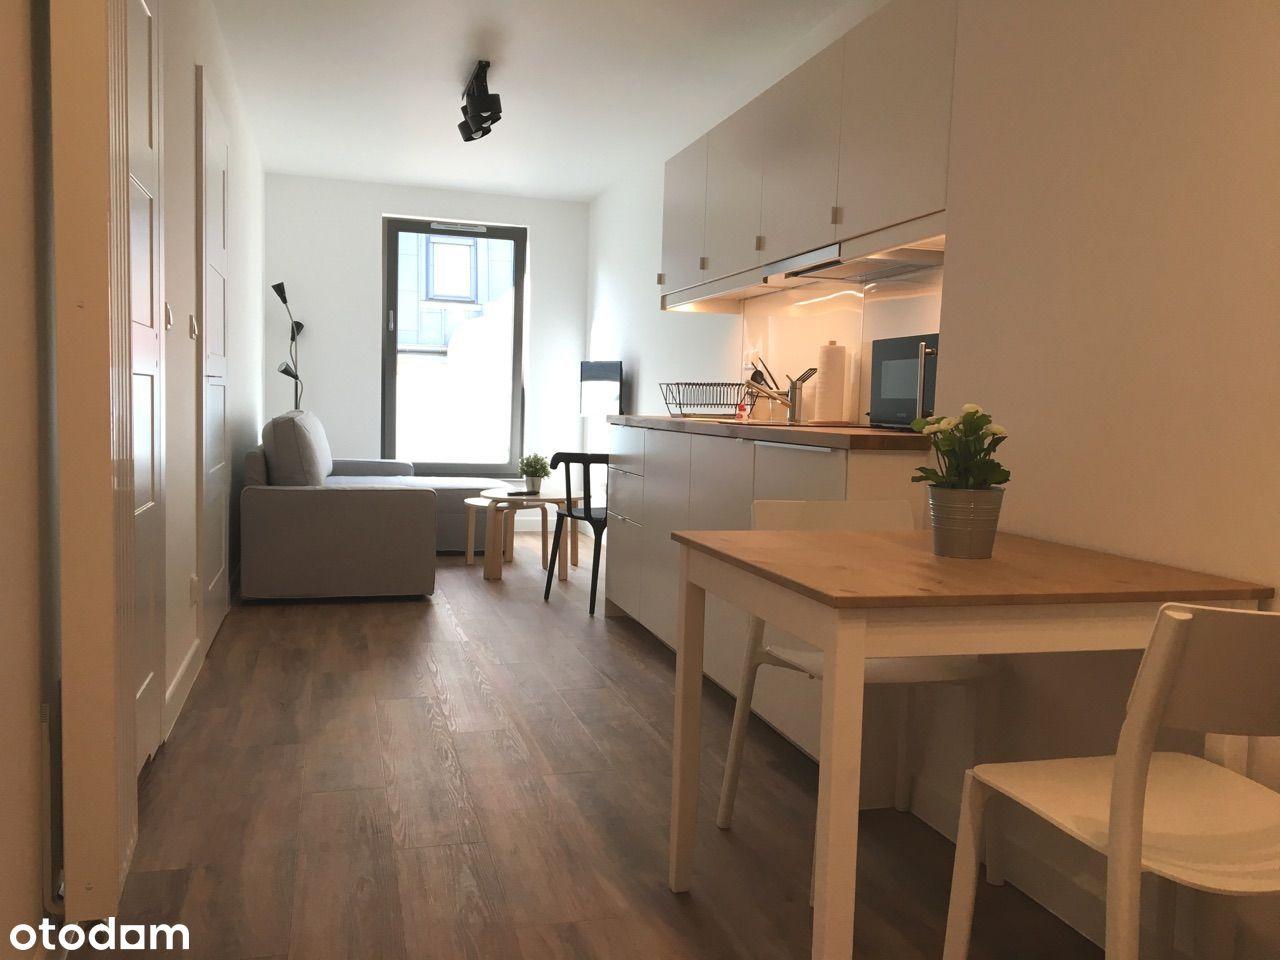 Nowe mieszkanie 34m, 2 pokoje, Centrum ul. Tkacka